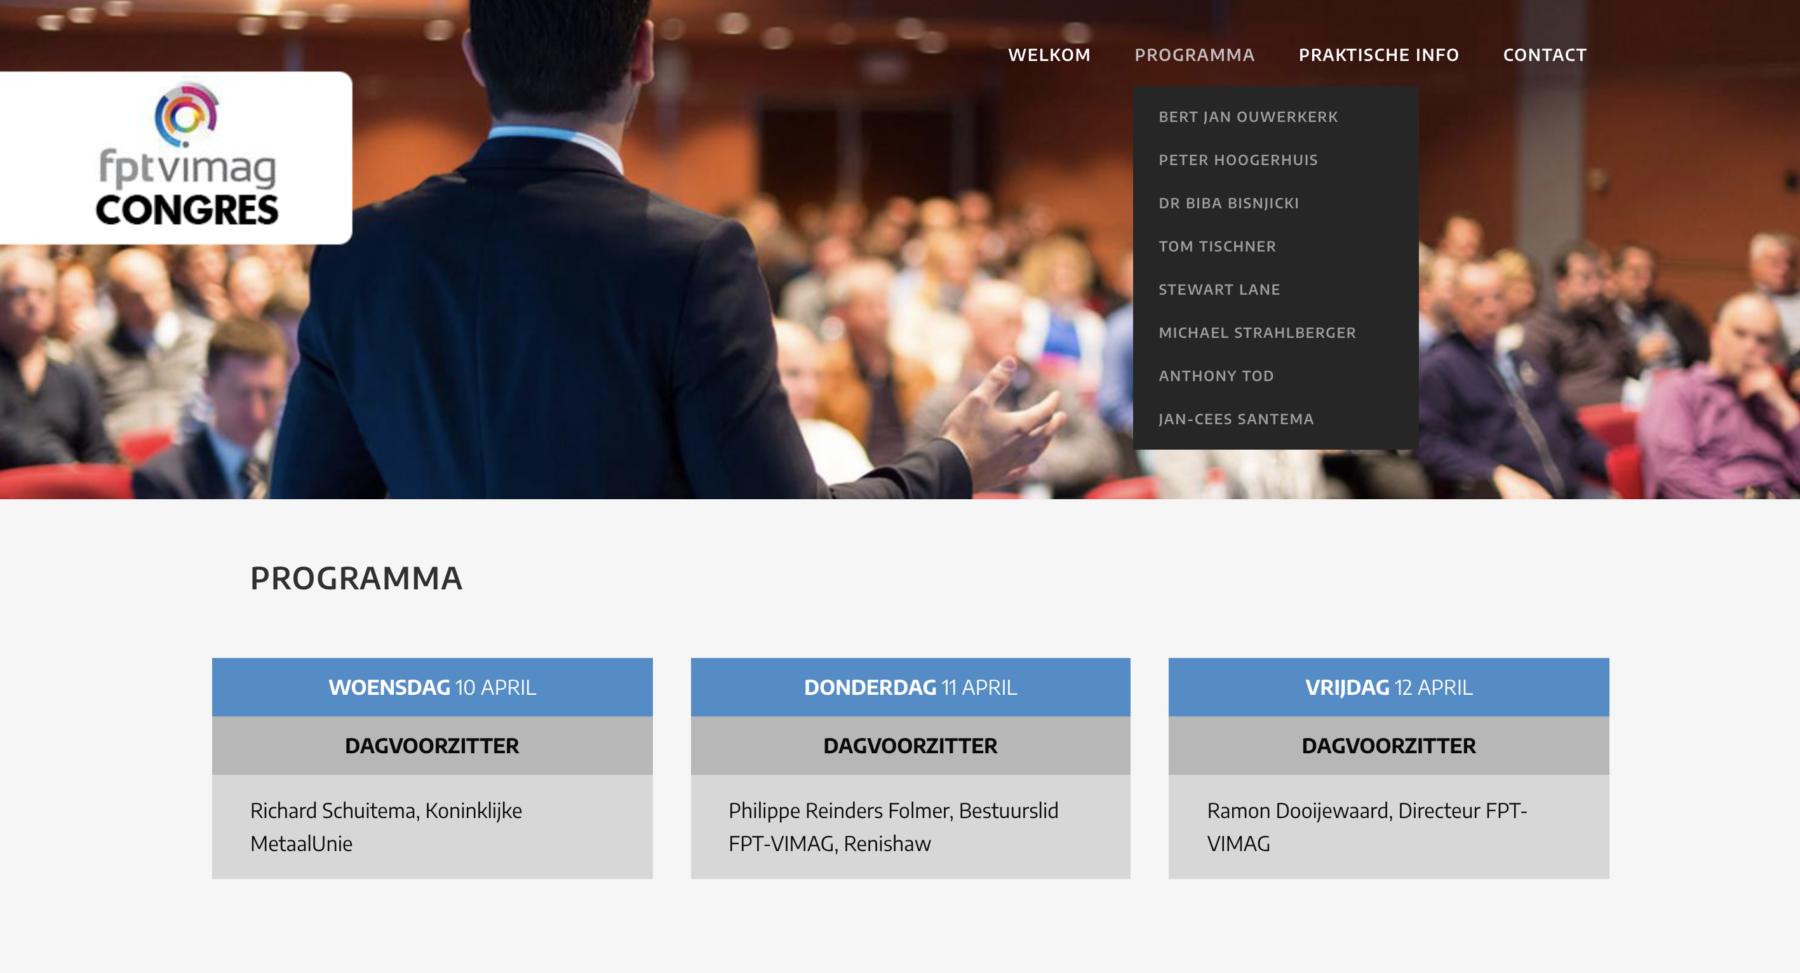 Fptvimag congres